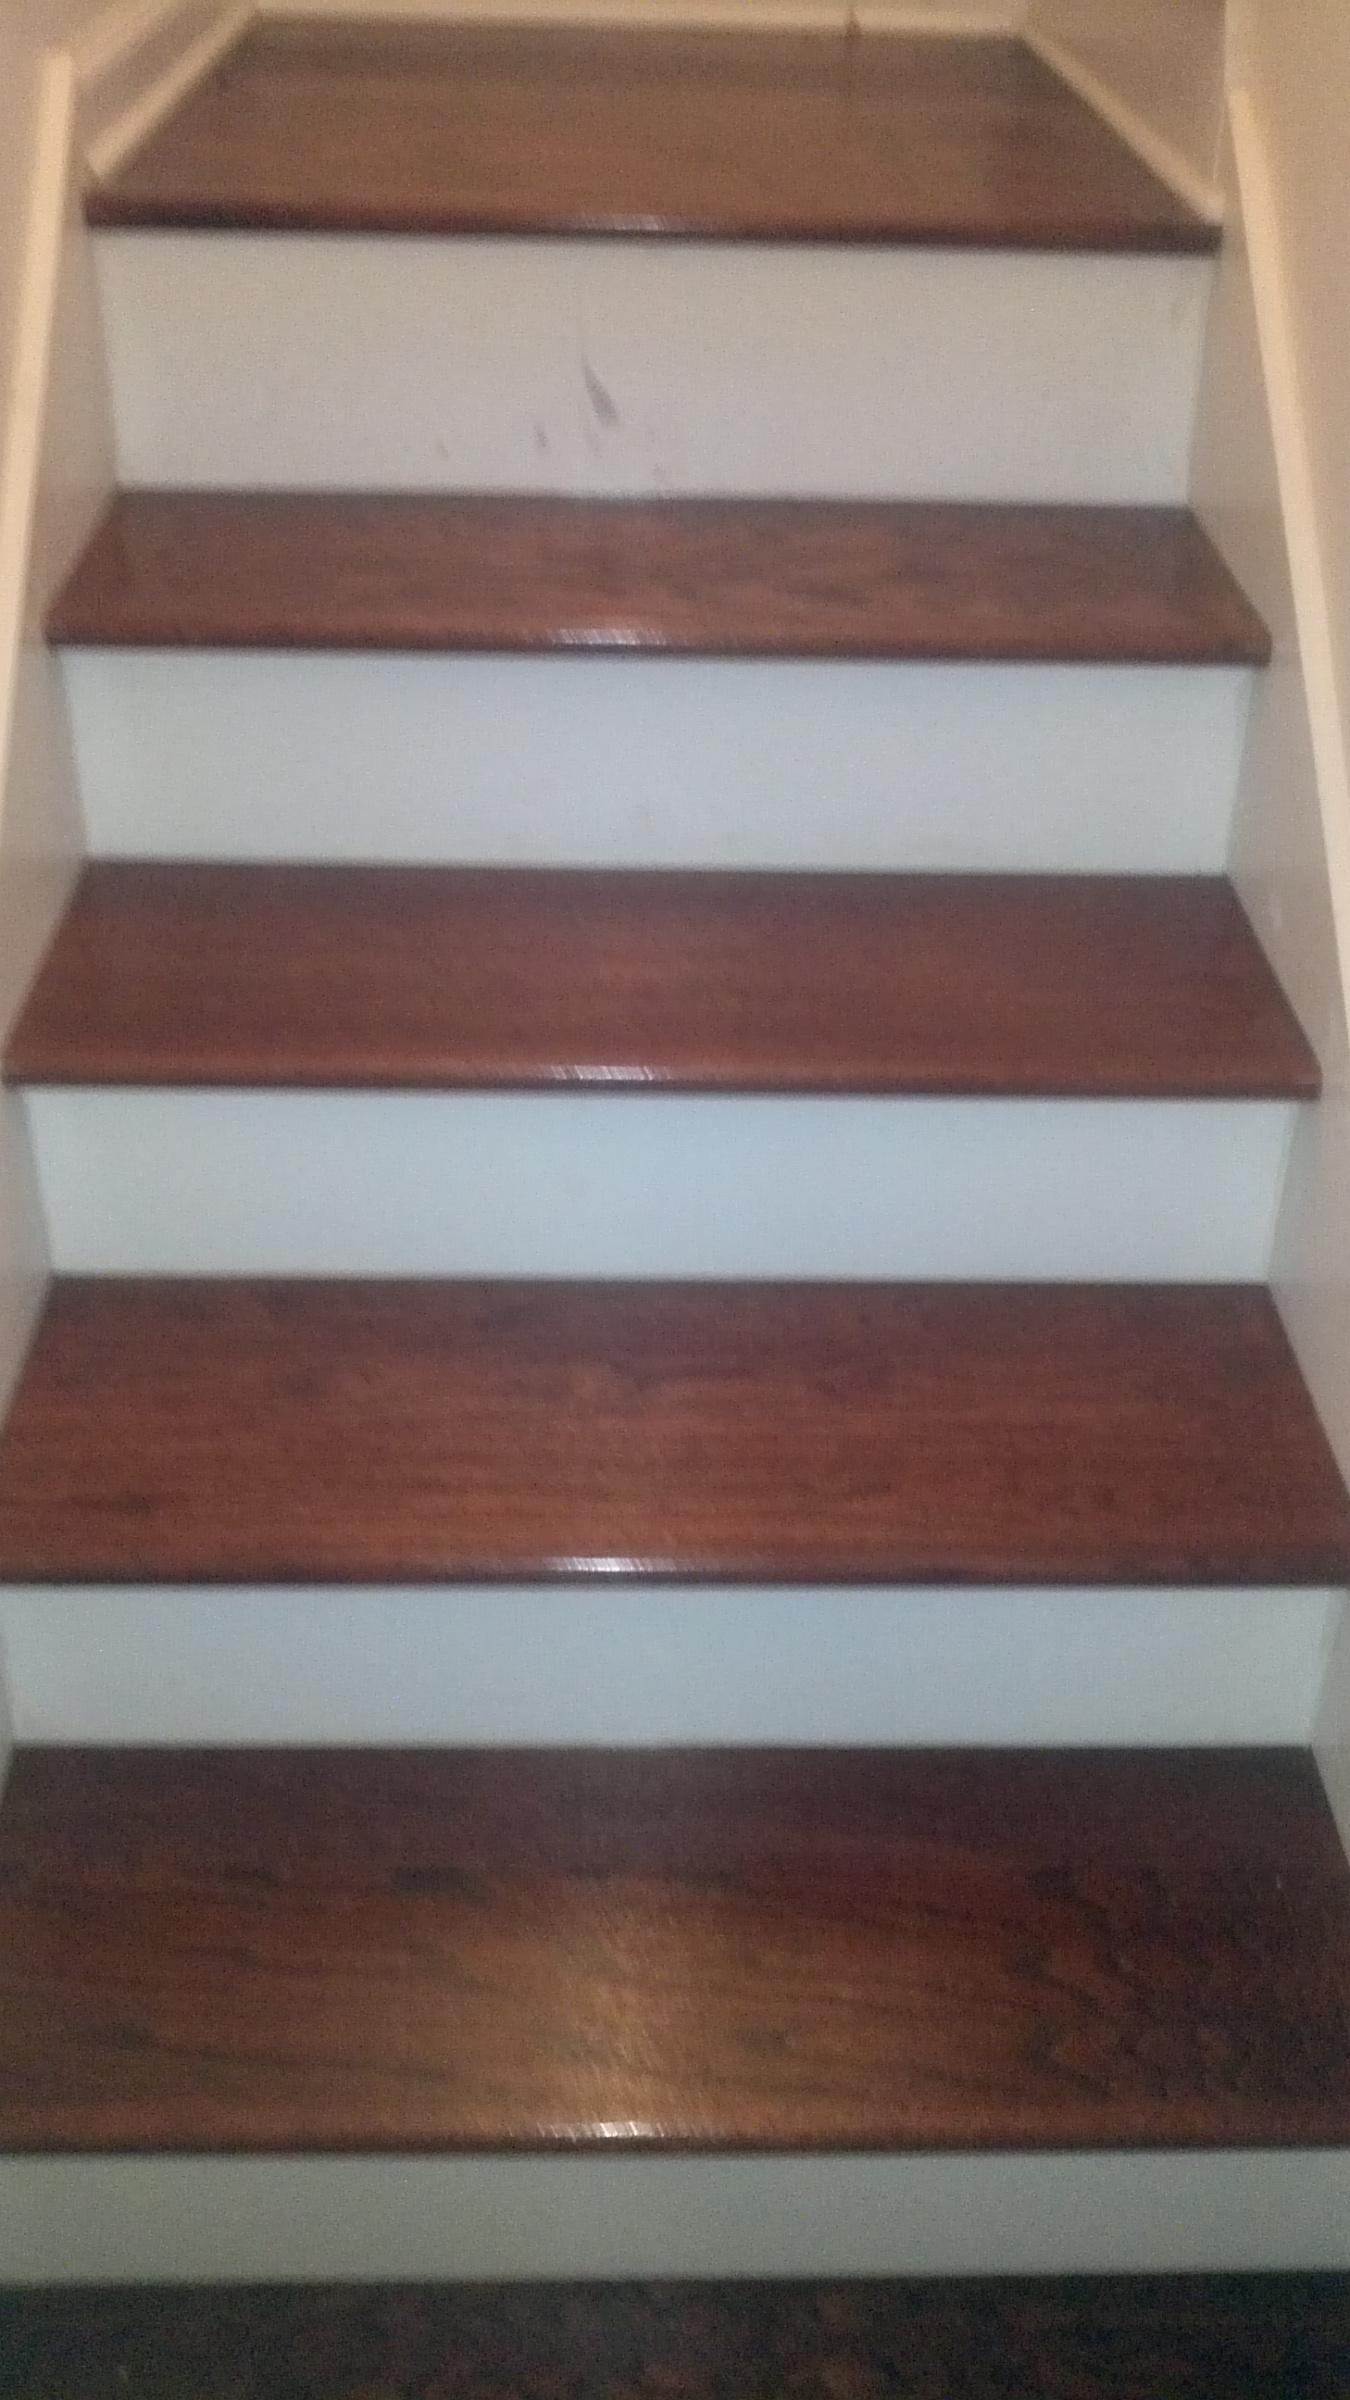 Milling Edge on Laminate Flooring-crowley-steps.jpg